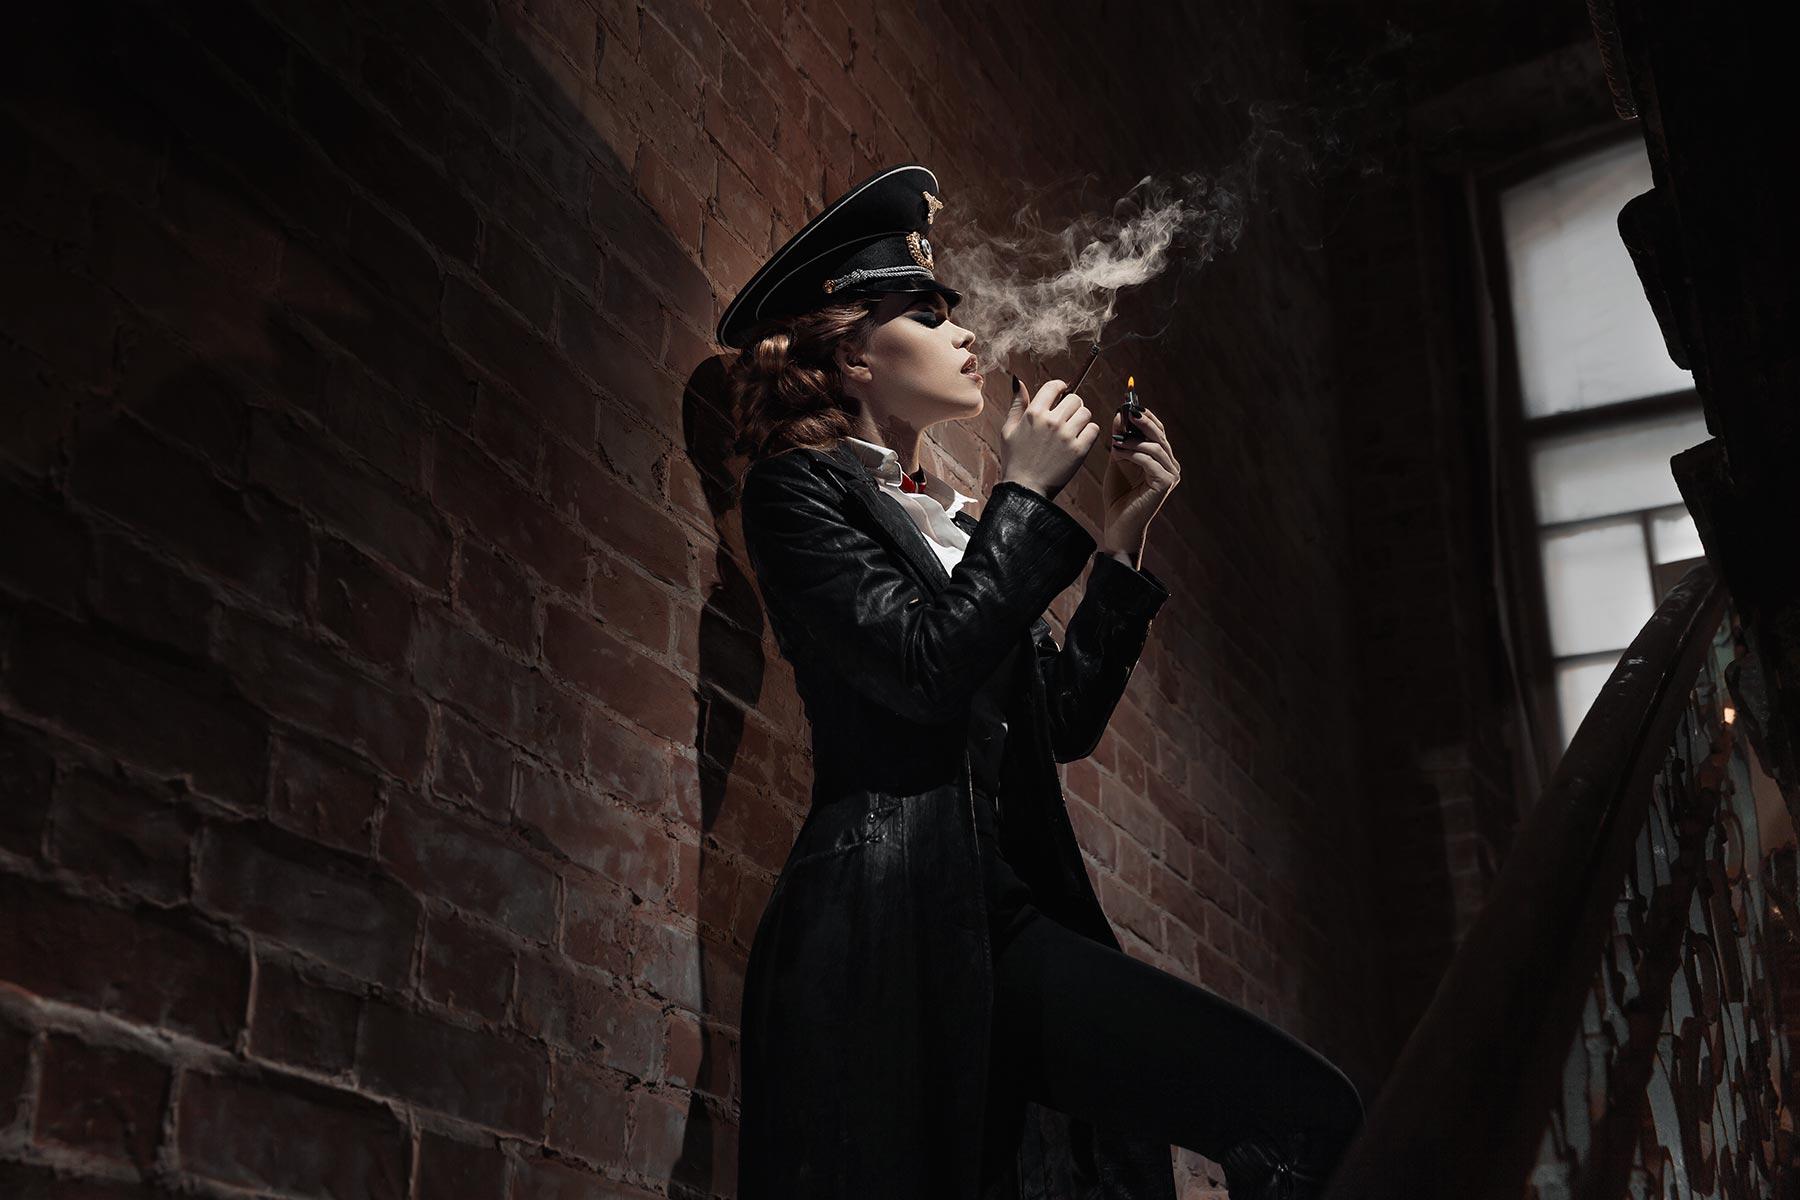 Немец, портрет, сигарета, кирпич, девушка, 2017, Тюмень, Новицкий Илья